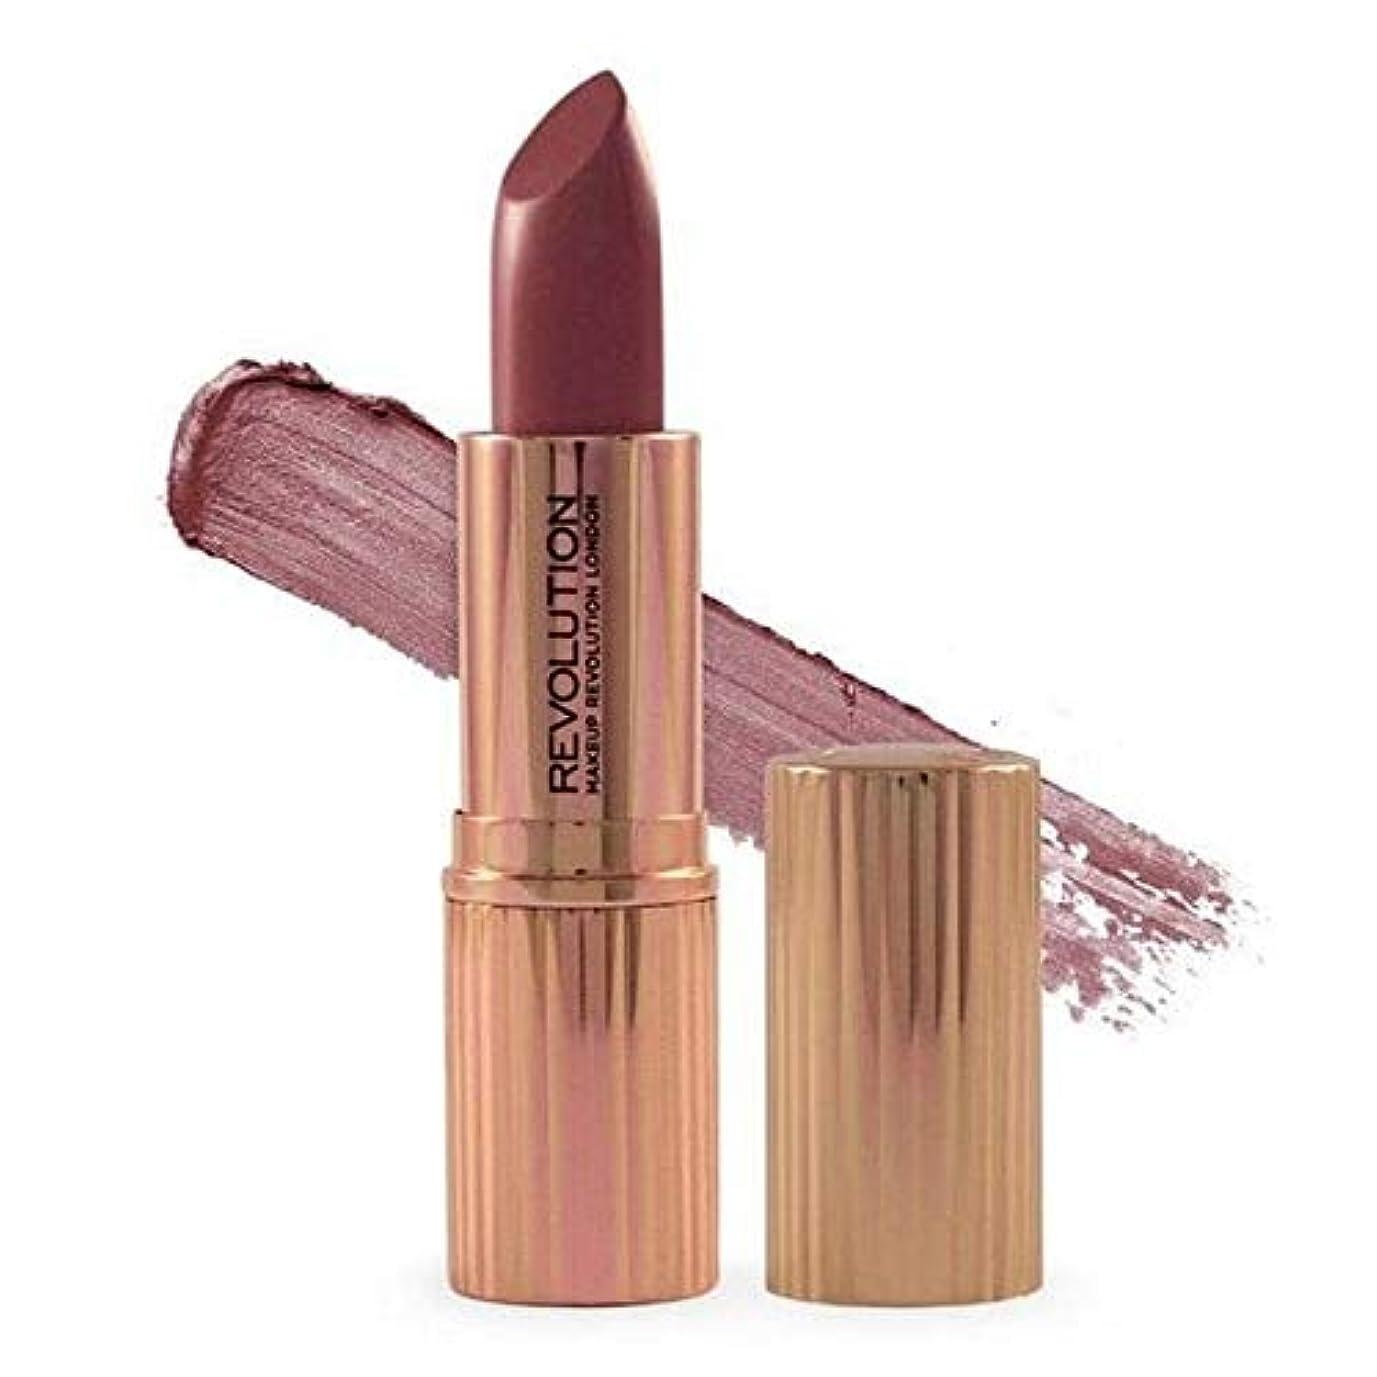 飼い慣らす行為おもしろい[Revolution ] 革命のルネサンス口紅更新 - Revolution Renaissance Lipstick Renew [並行輸入品]